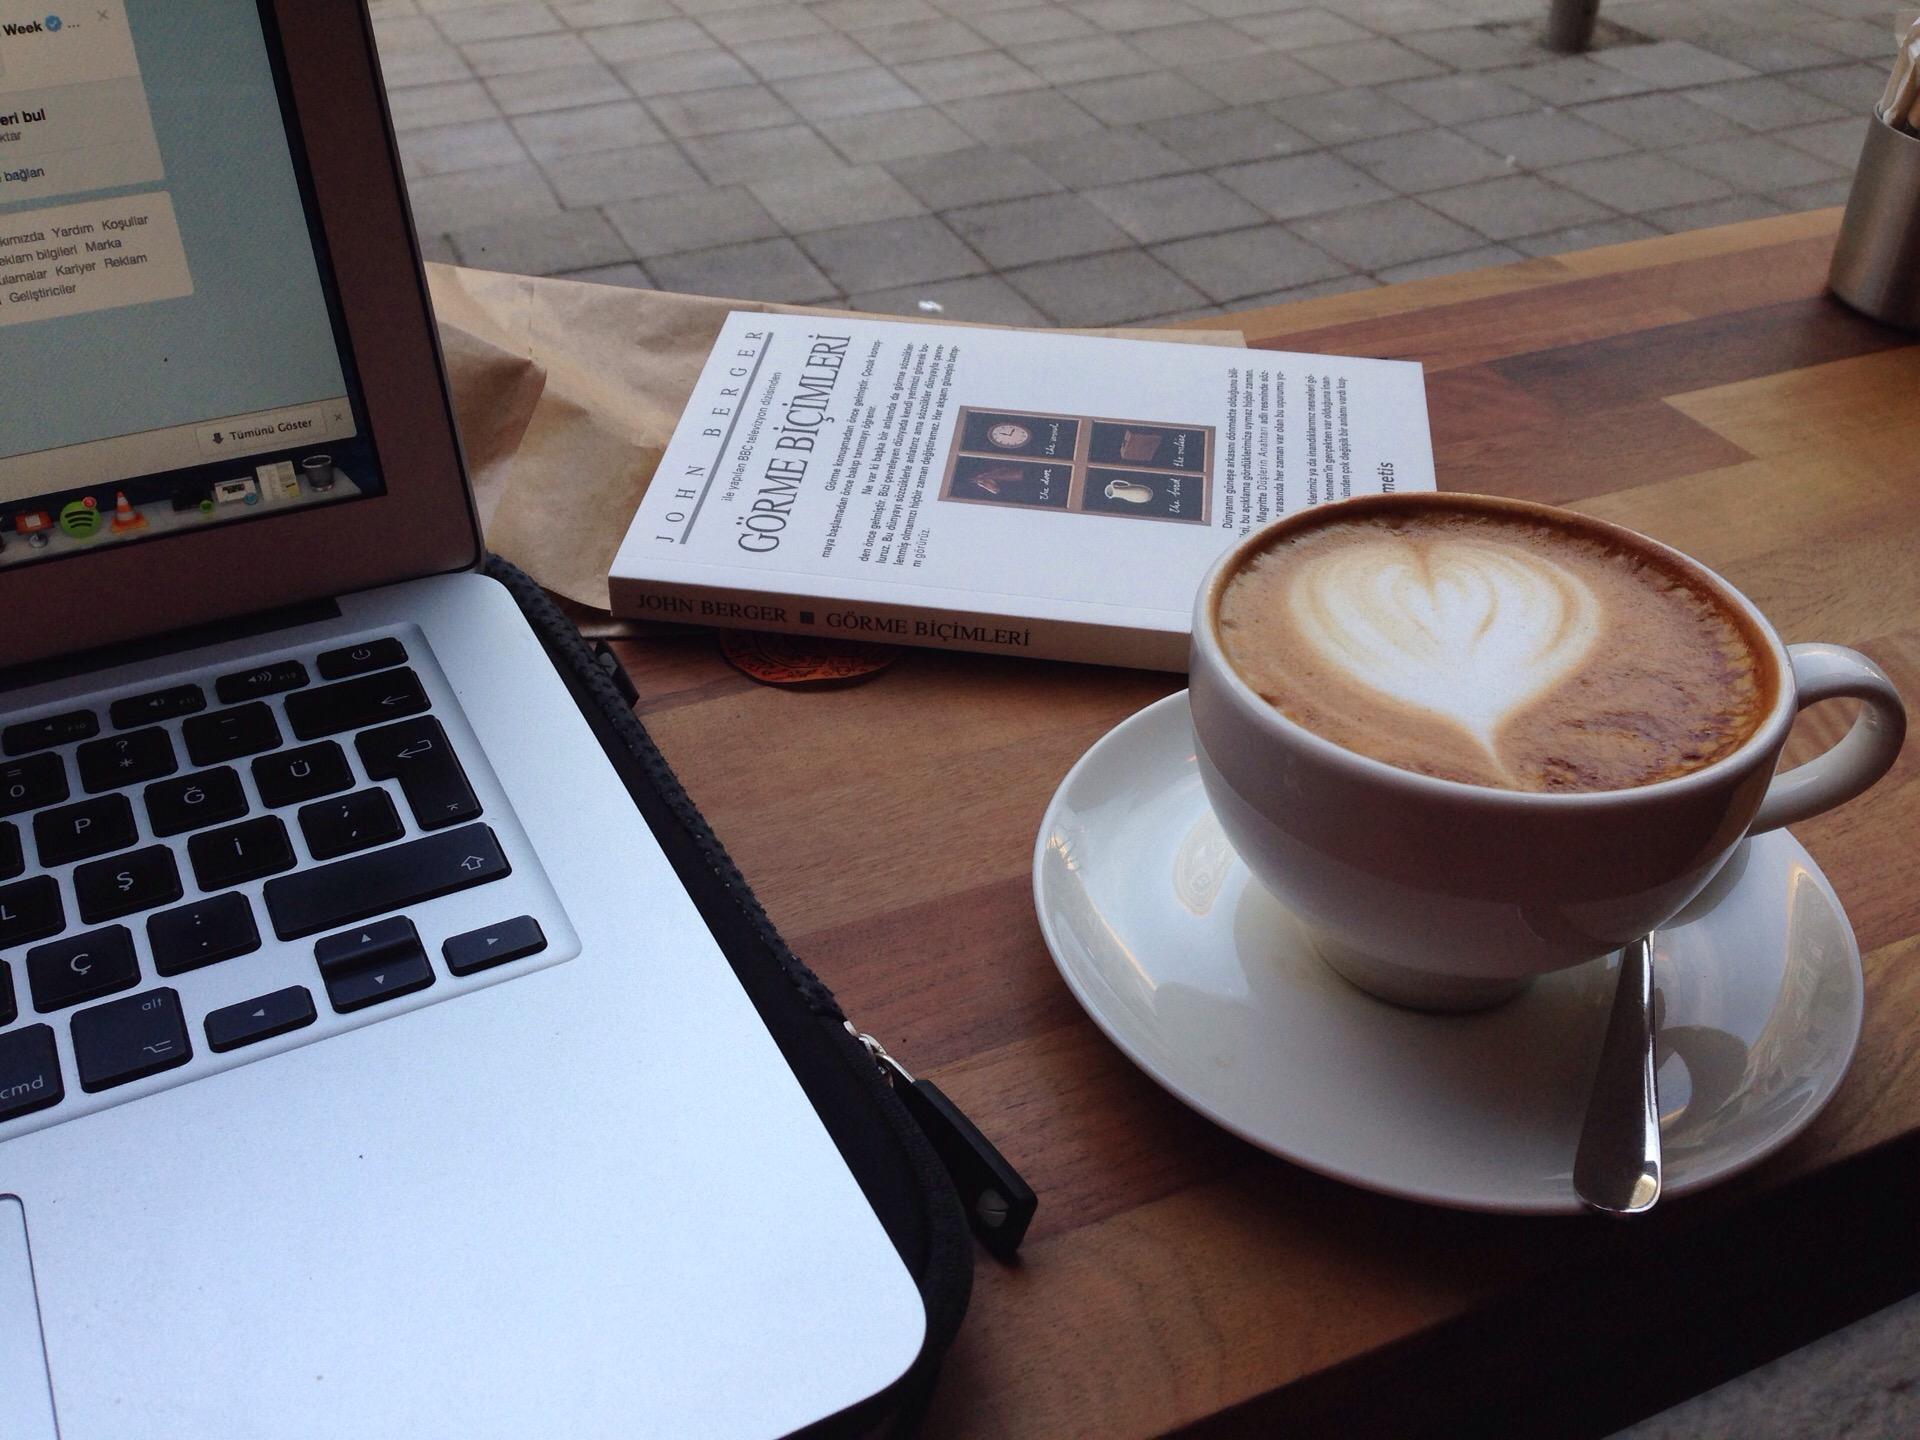 fotoğraf: çağlla gillis - cup 3rd wave coffee  - freelance mekanları